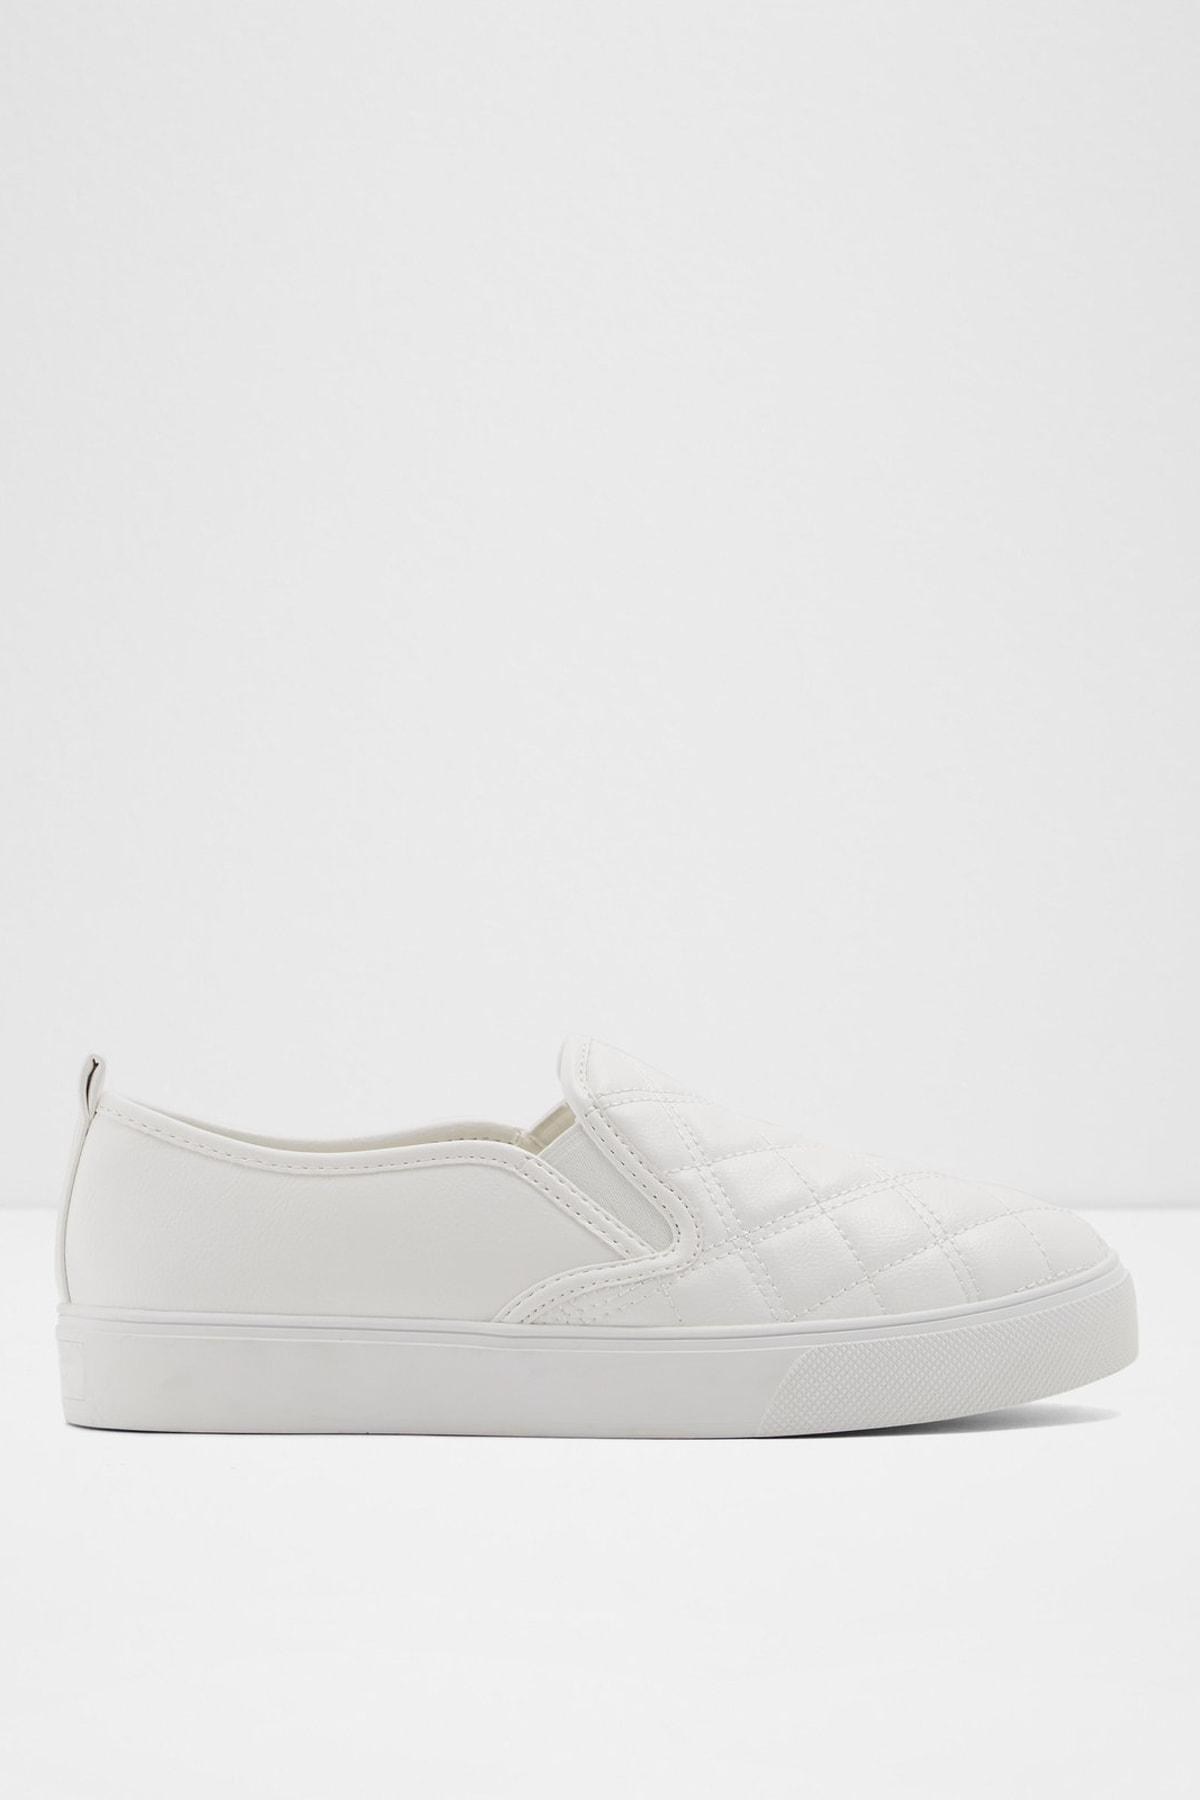 Aldo ELVUCLYA - Beyaz Kadın Sneaker 1